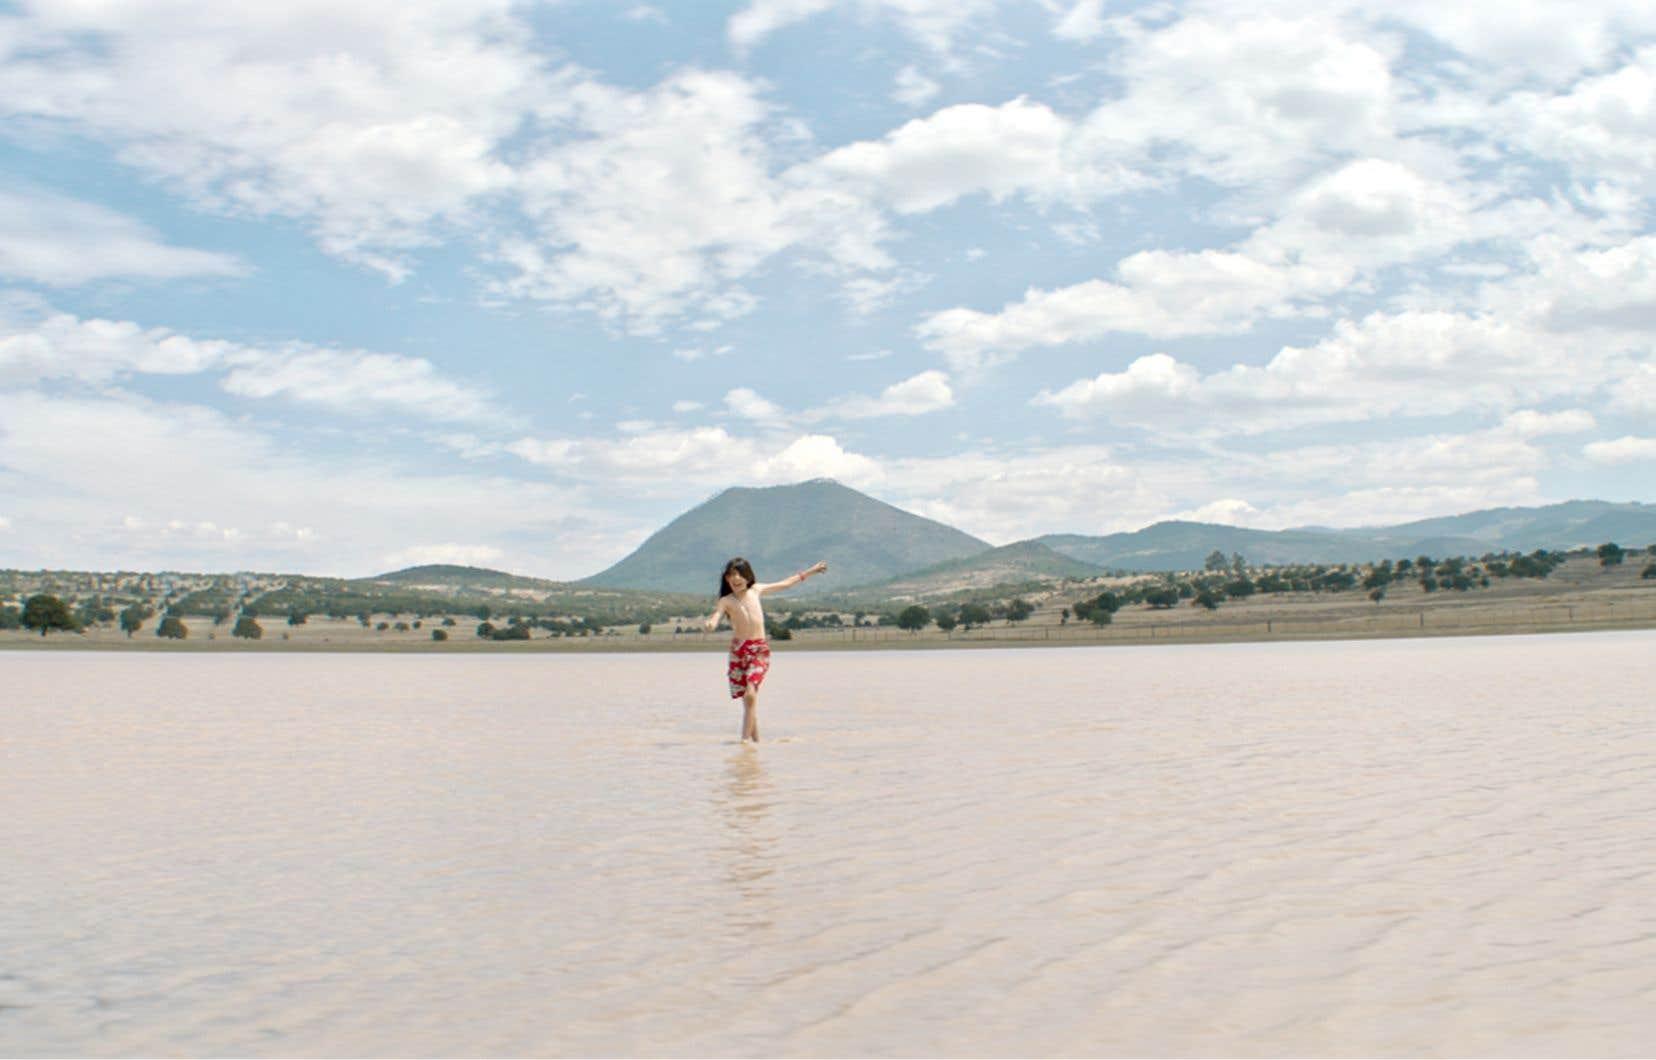 Les thèmes de l'isolement, du couple et de la sexualité, sur fond de magnifiques paysages naturels, demeurent ceux de Carlos Reygadas.